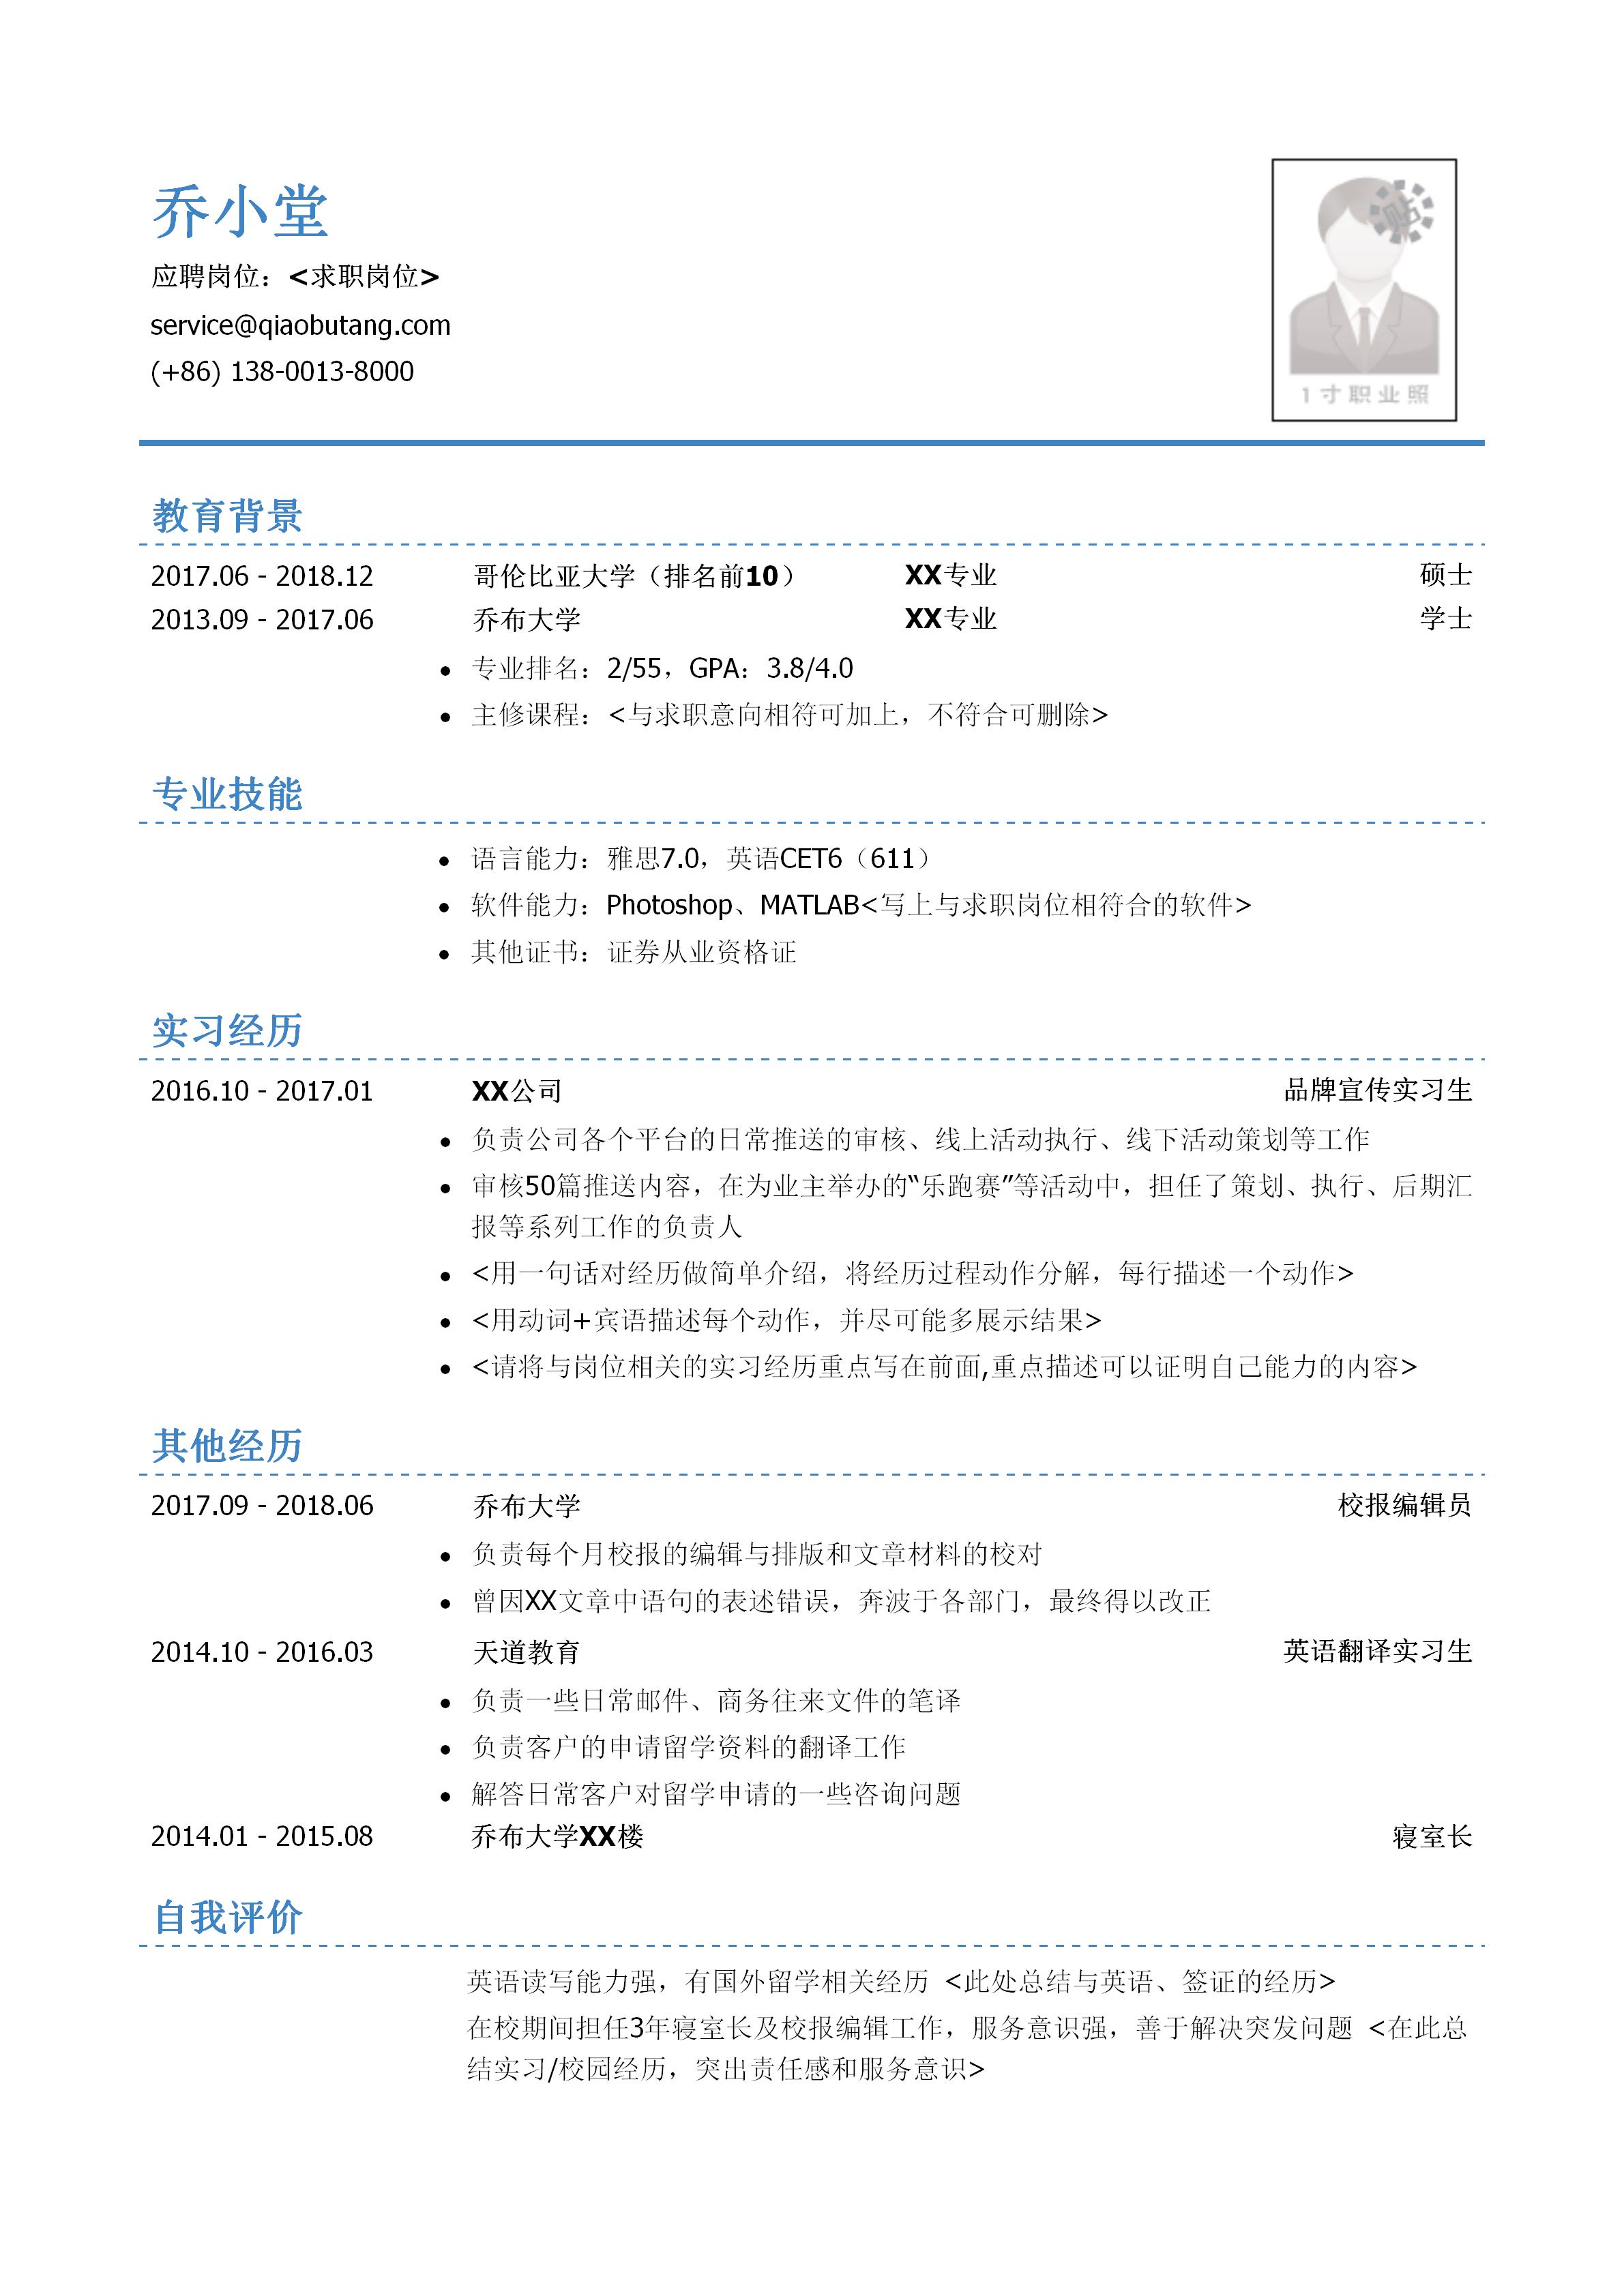 研招网首页_个人空白简历表格|英文简历模板|求职简历模板免费下载 - 乔布简历